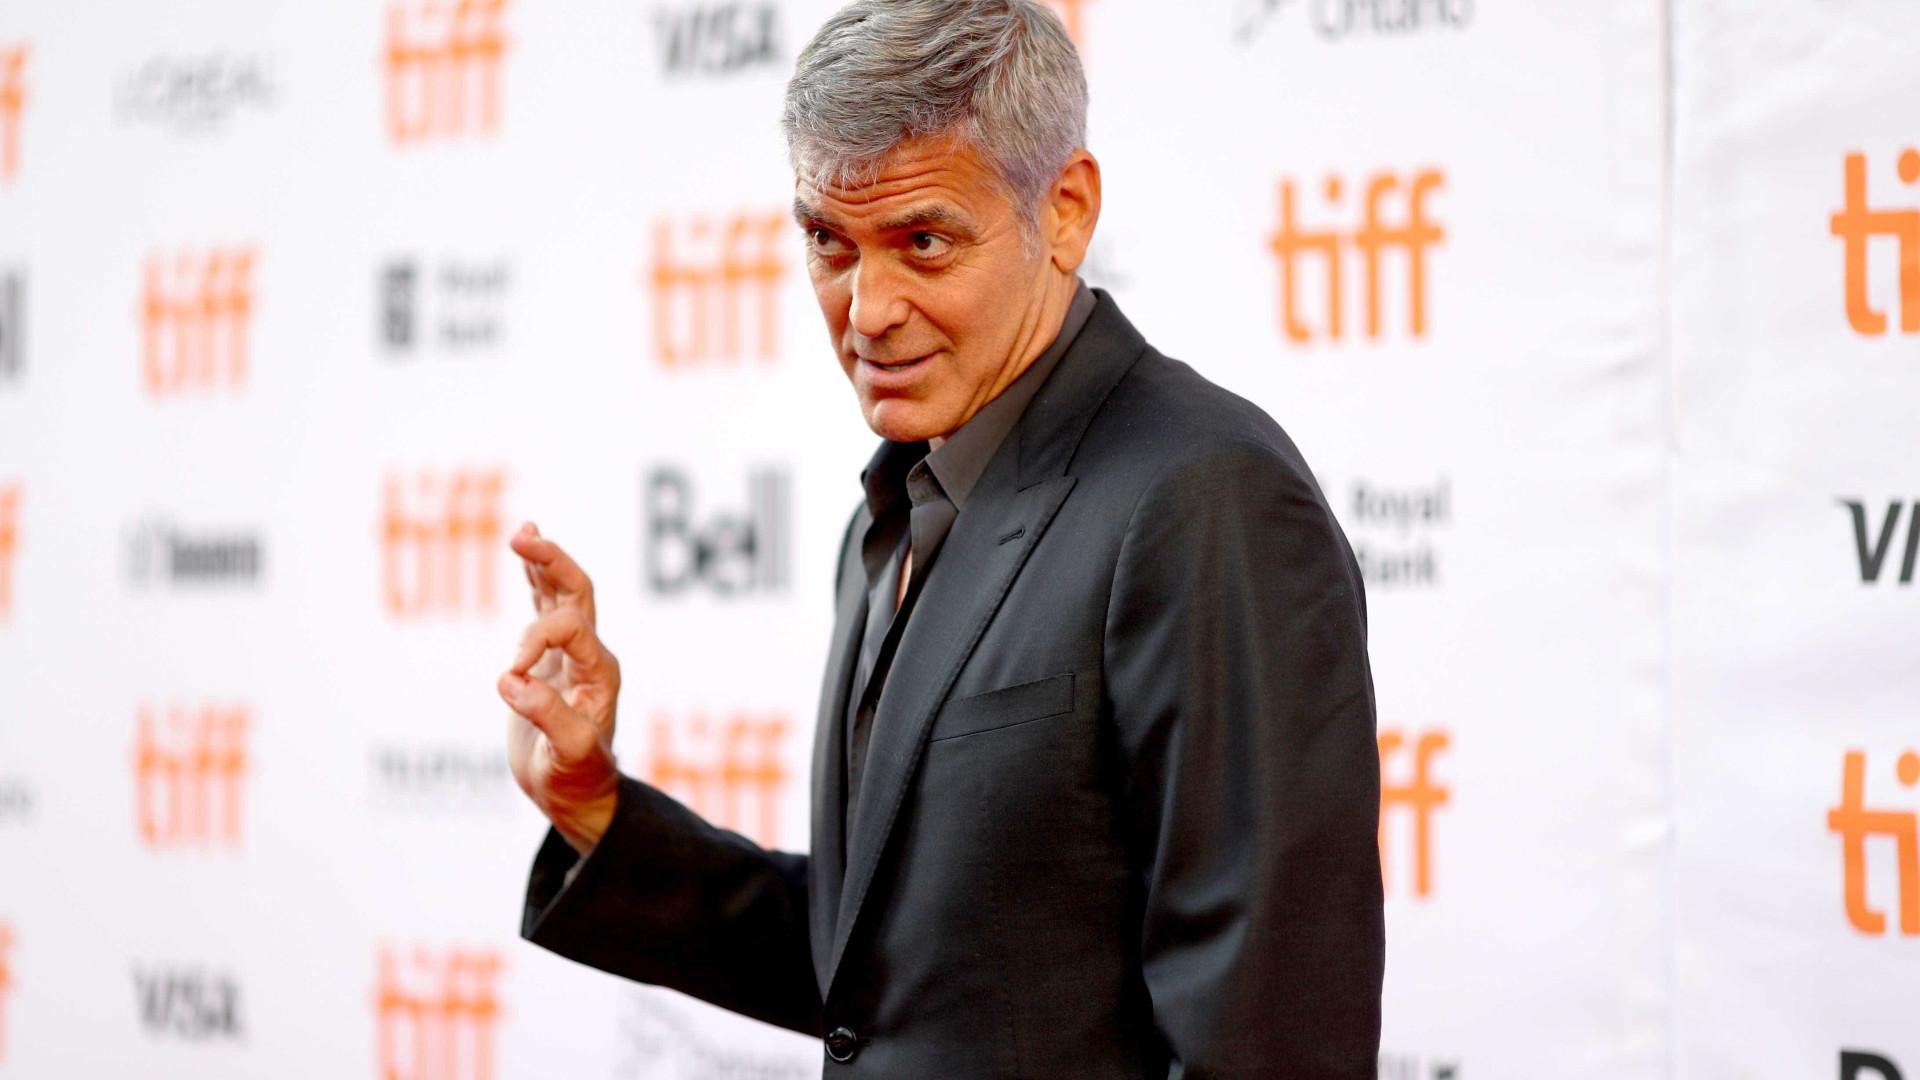 George Clooney deu 1 milhão de dólares a cada um dos melhores amigos